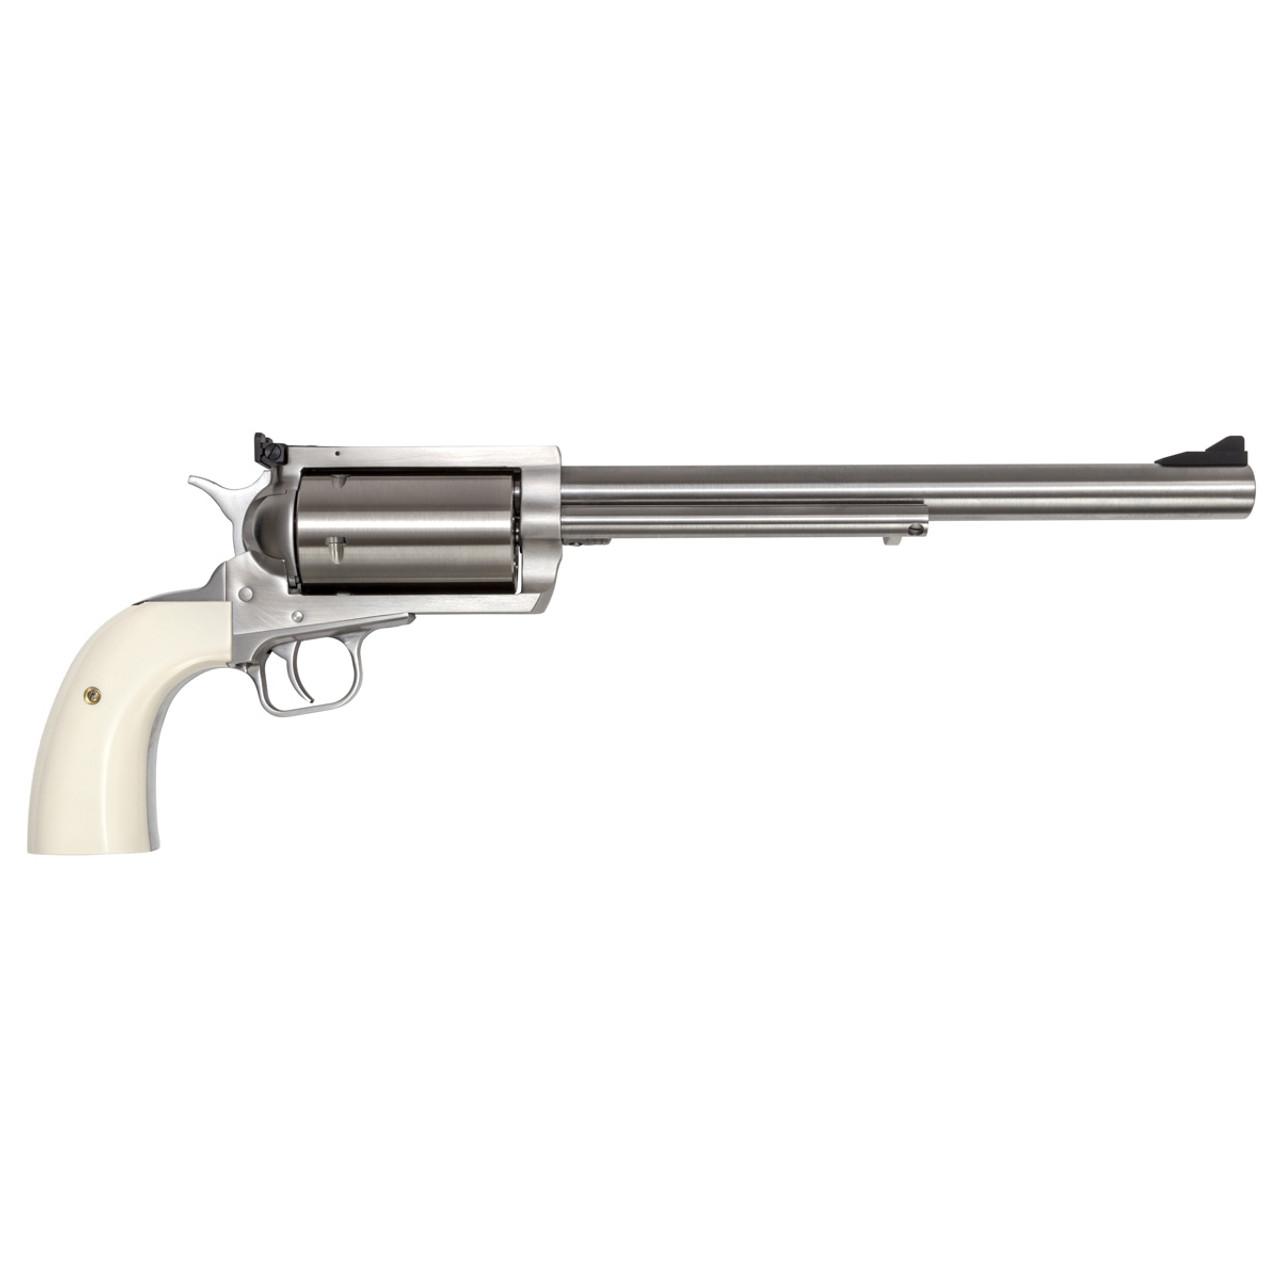 BFR,  450 Marlin Revolver, 10